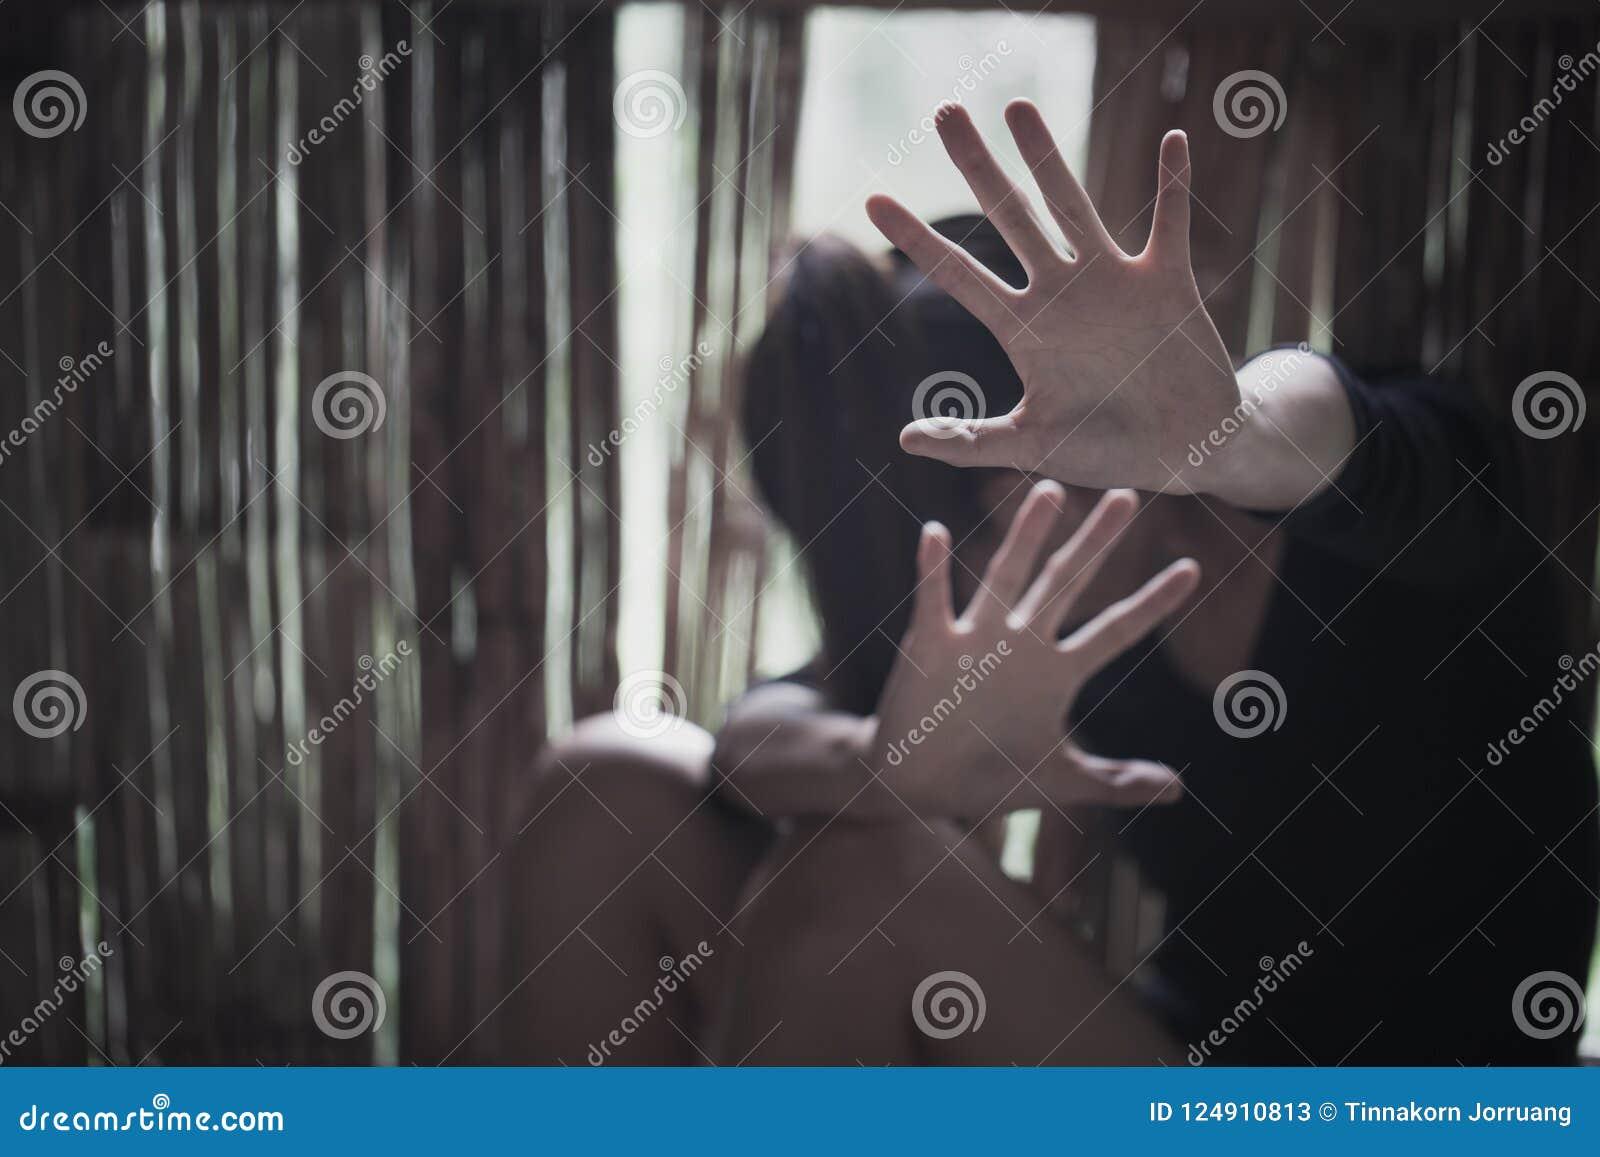 Kvinnaträldom, stoppsexuellt övergrepp och våldsamma handlingar mot kvinnor,